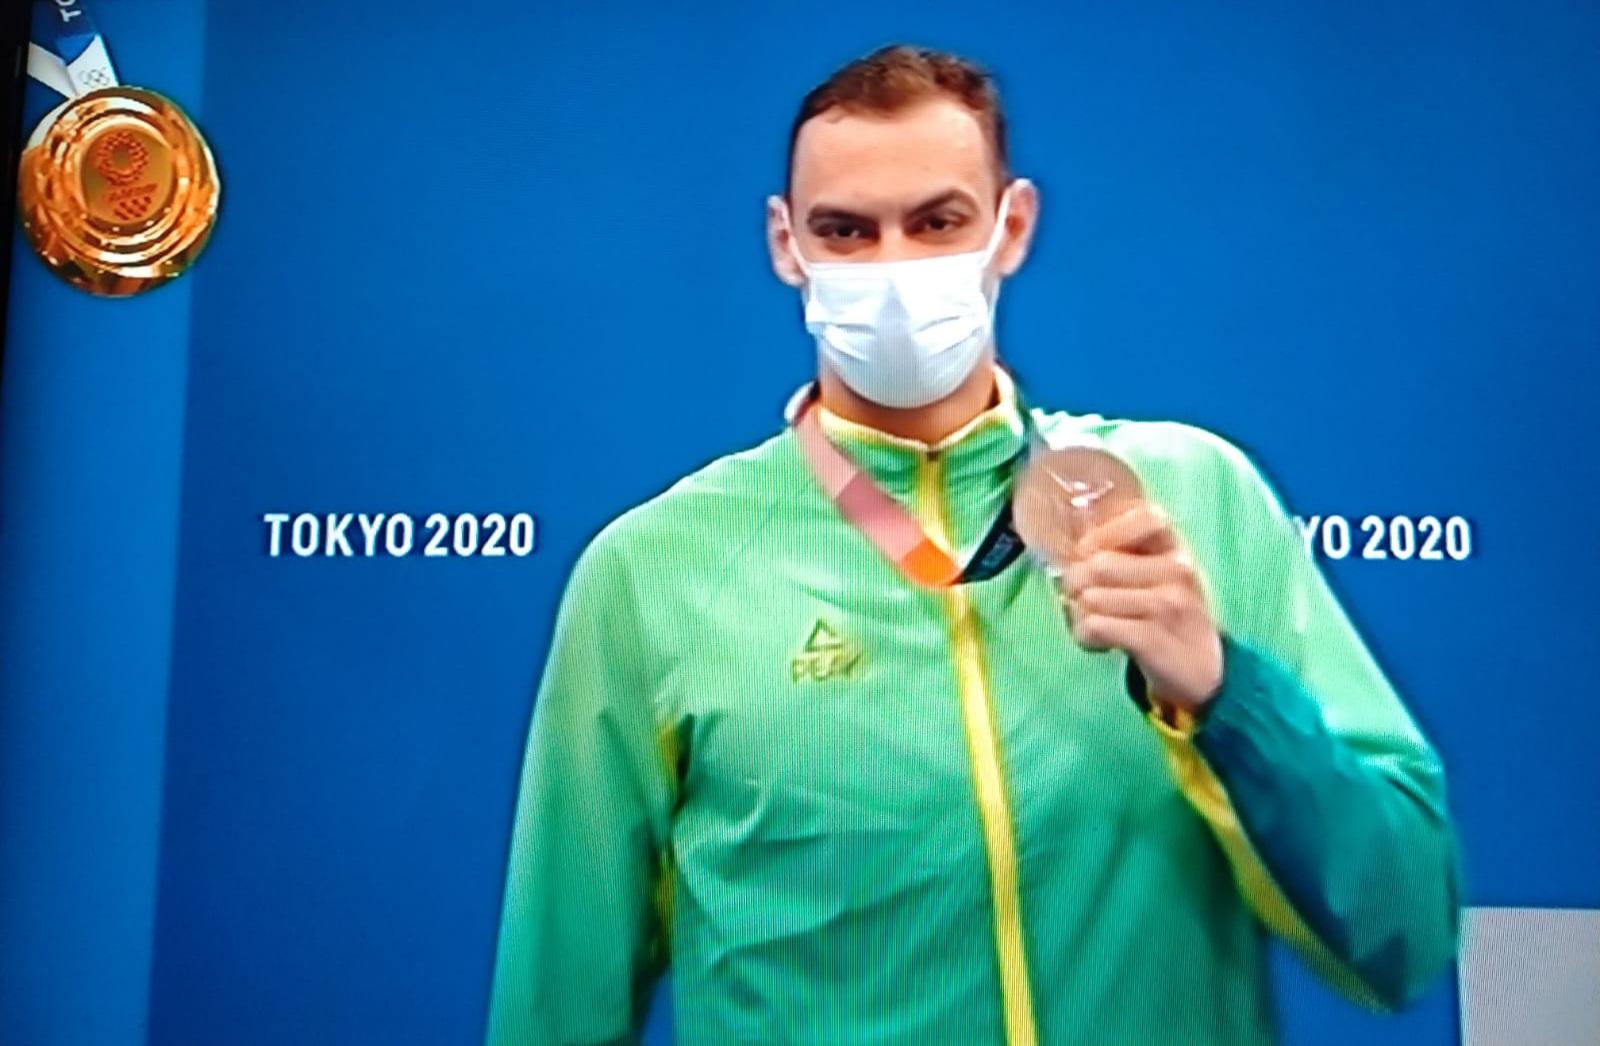 Olimpíada de Tóquio: Fernando Scheffer é bronze nos 200m livres da natação